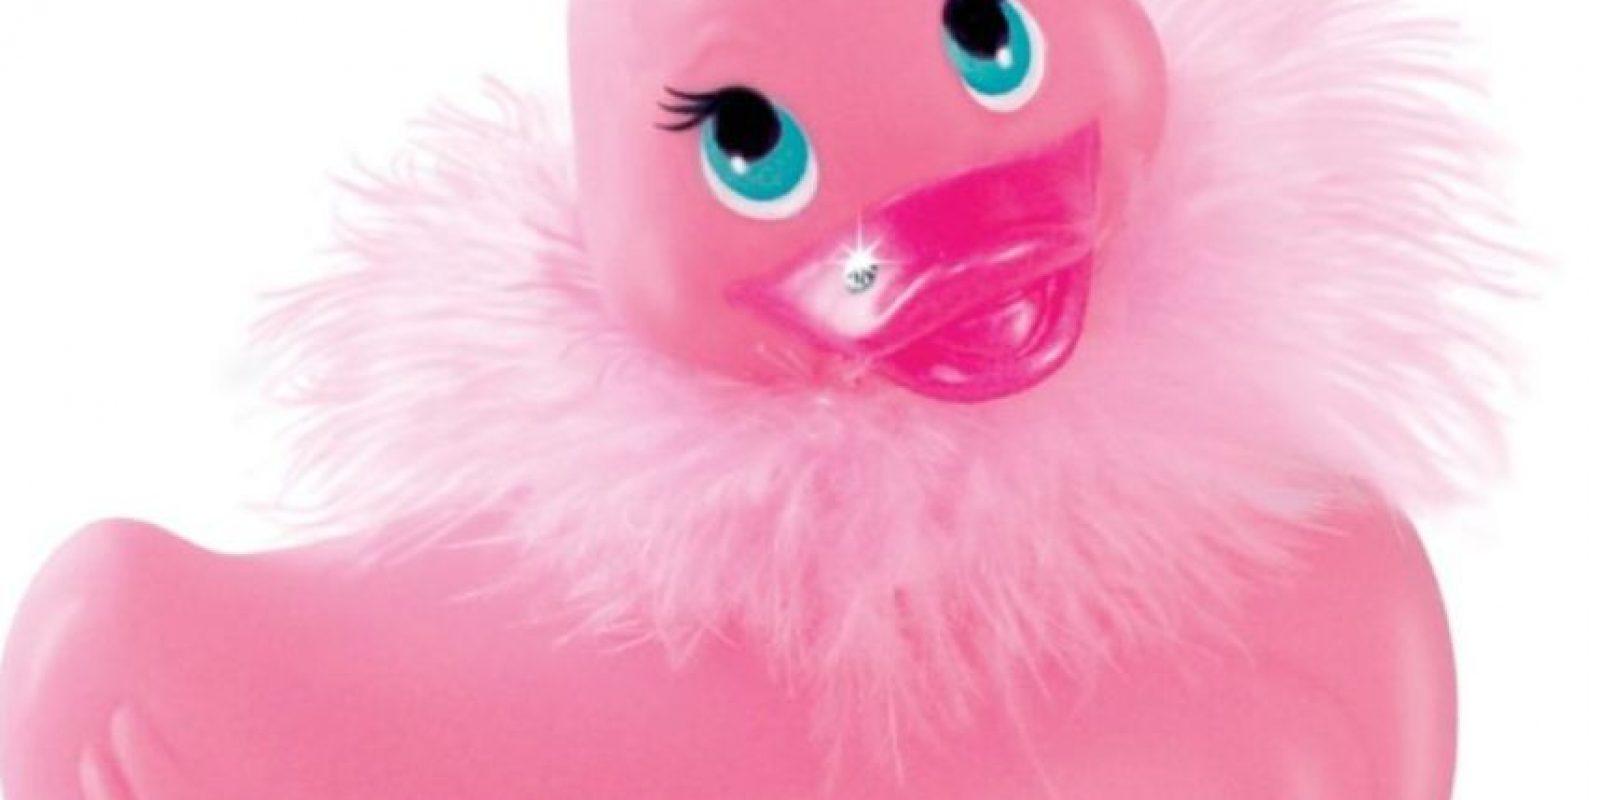 Parece un inocente masajeador de baño para niños Foto:eBay